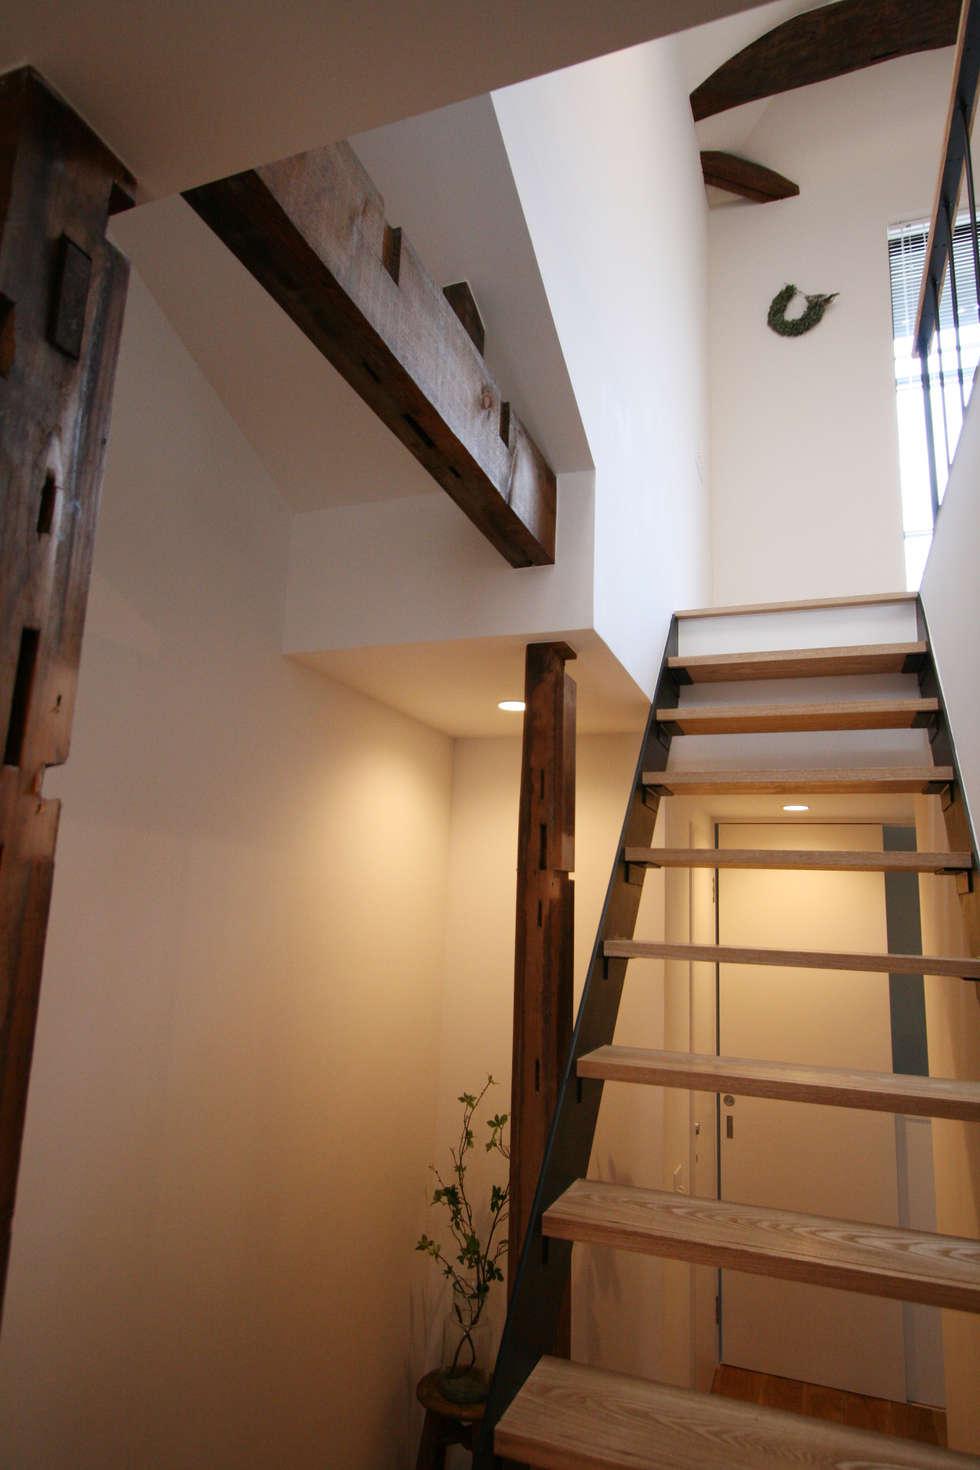 階段室: 一級建築士事務所expoが手掛けた家です。